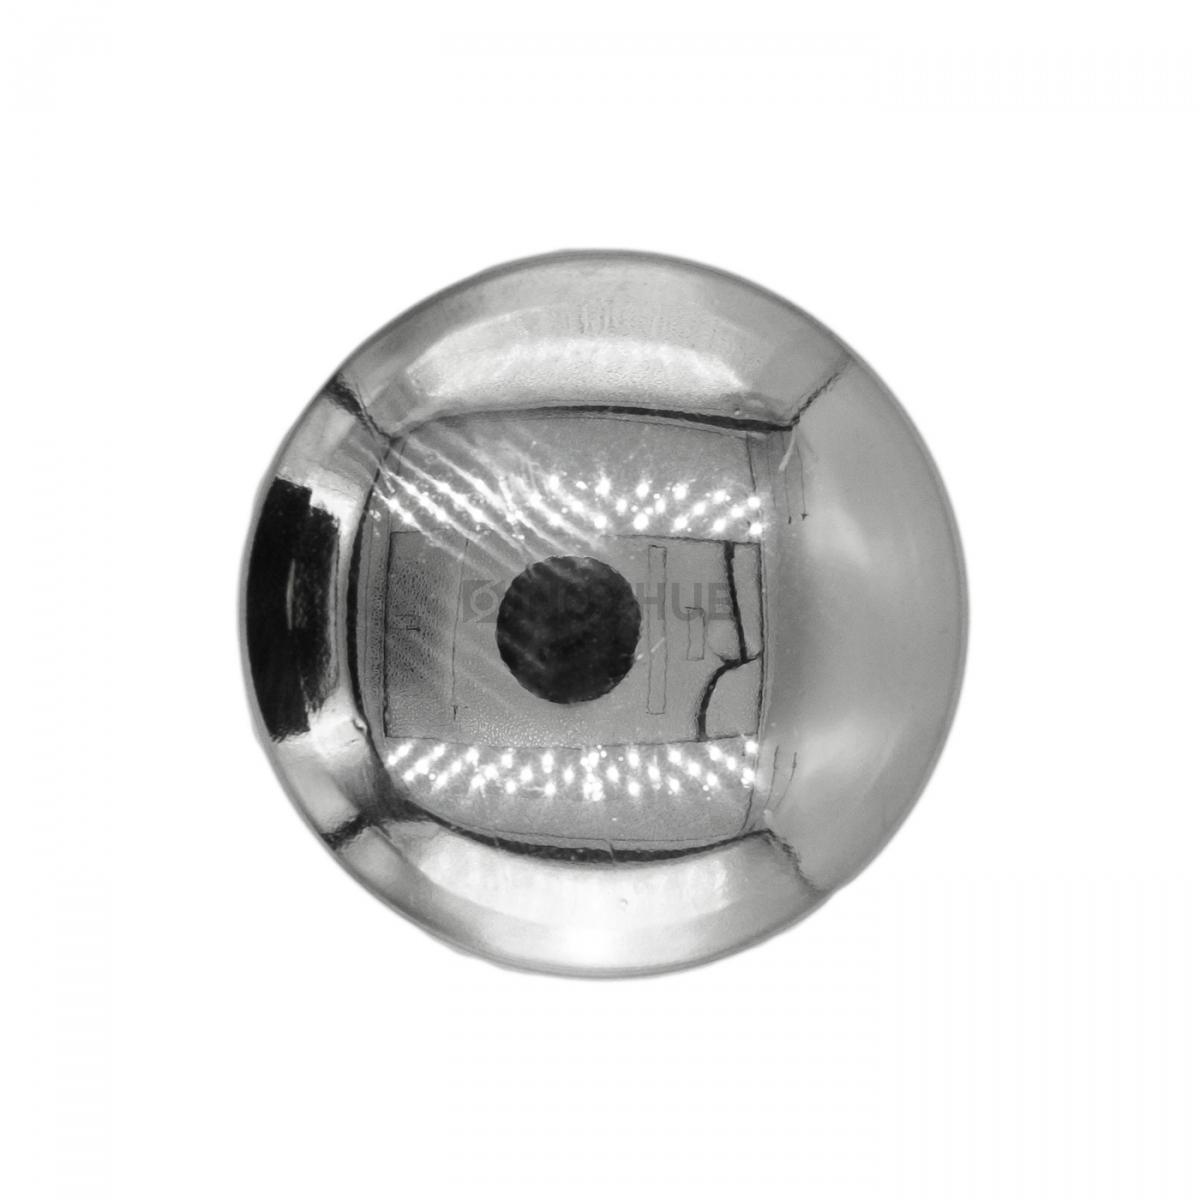 Заглушка забивная штамп., Ø42.4 мм, AISI 304, GRIT 600